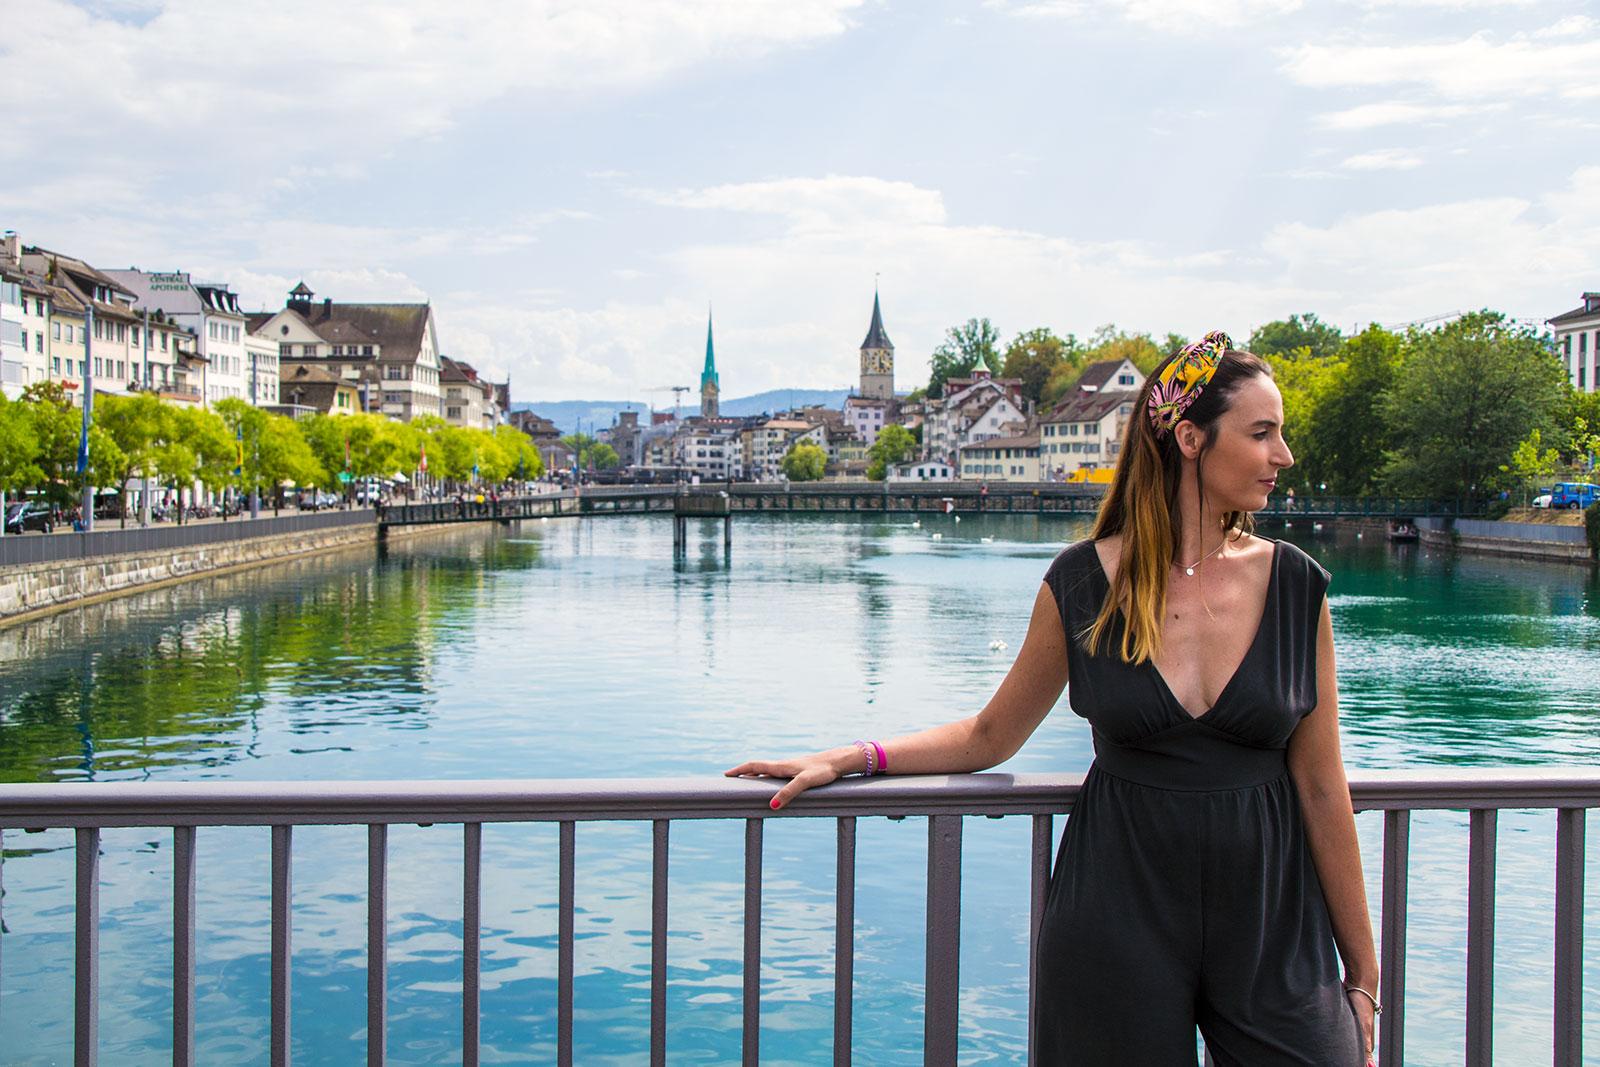 Nerea en el puente de Zúrich